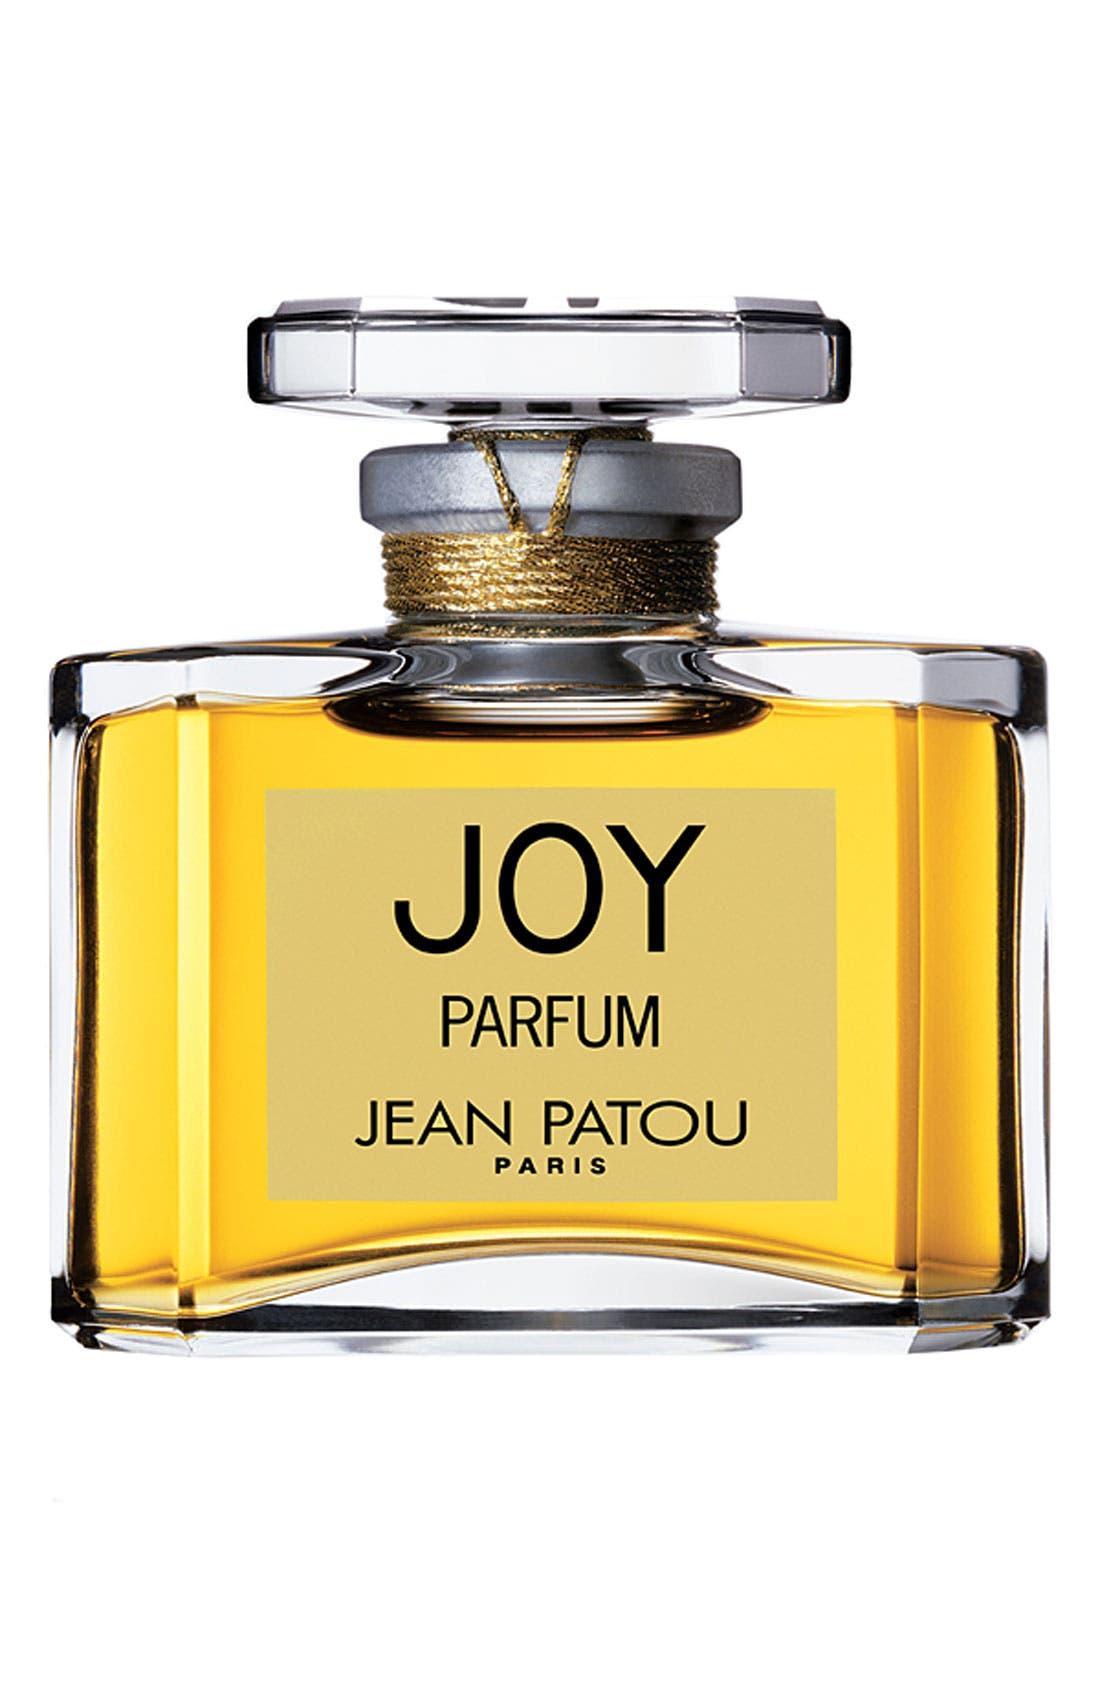 Joy by Jean Patou Parfum Deluxe